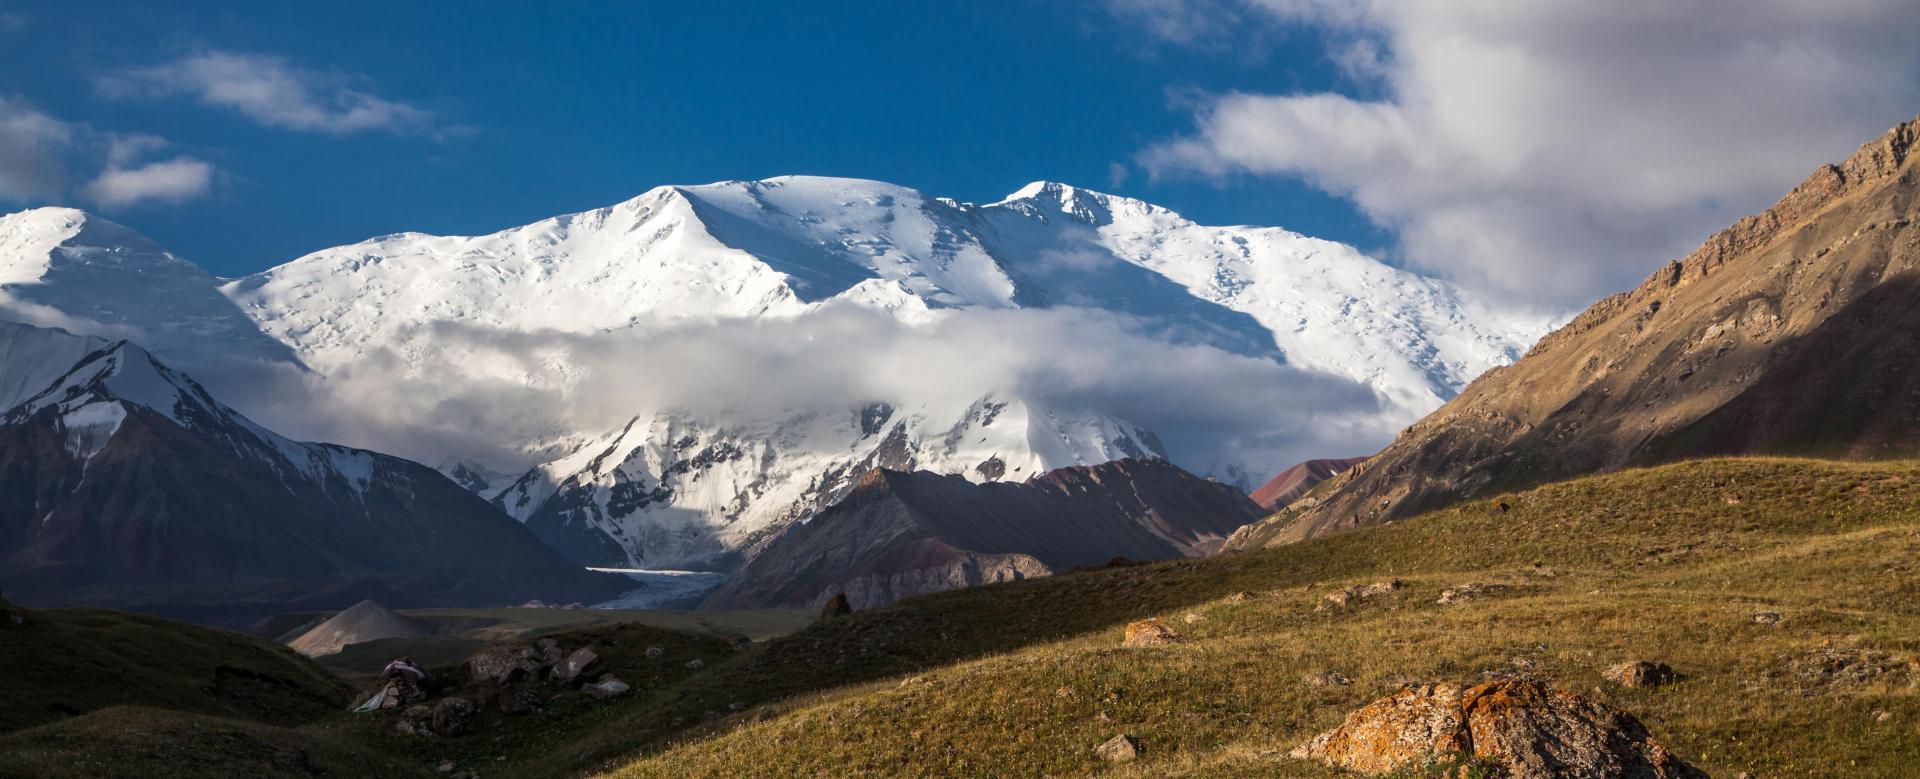 Voyage à pied : Le pic lénine (7134 m)